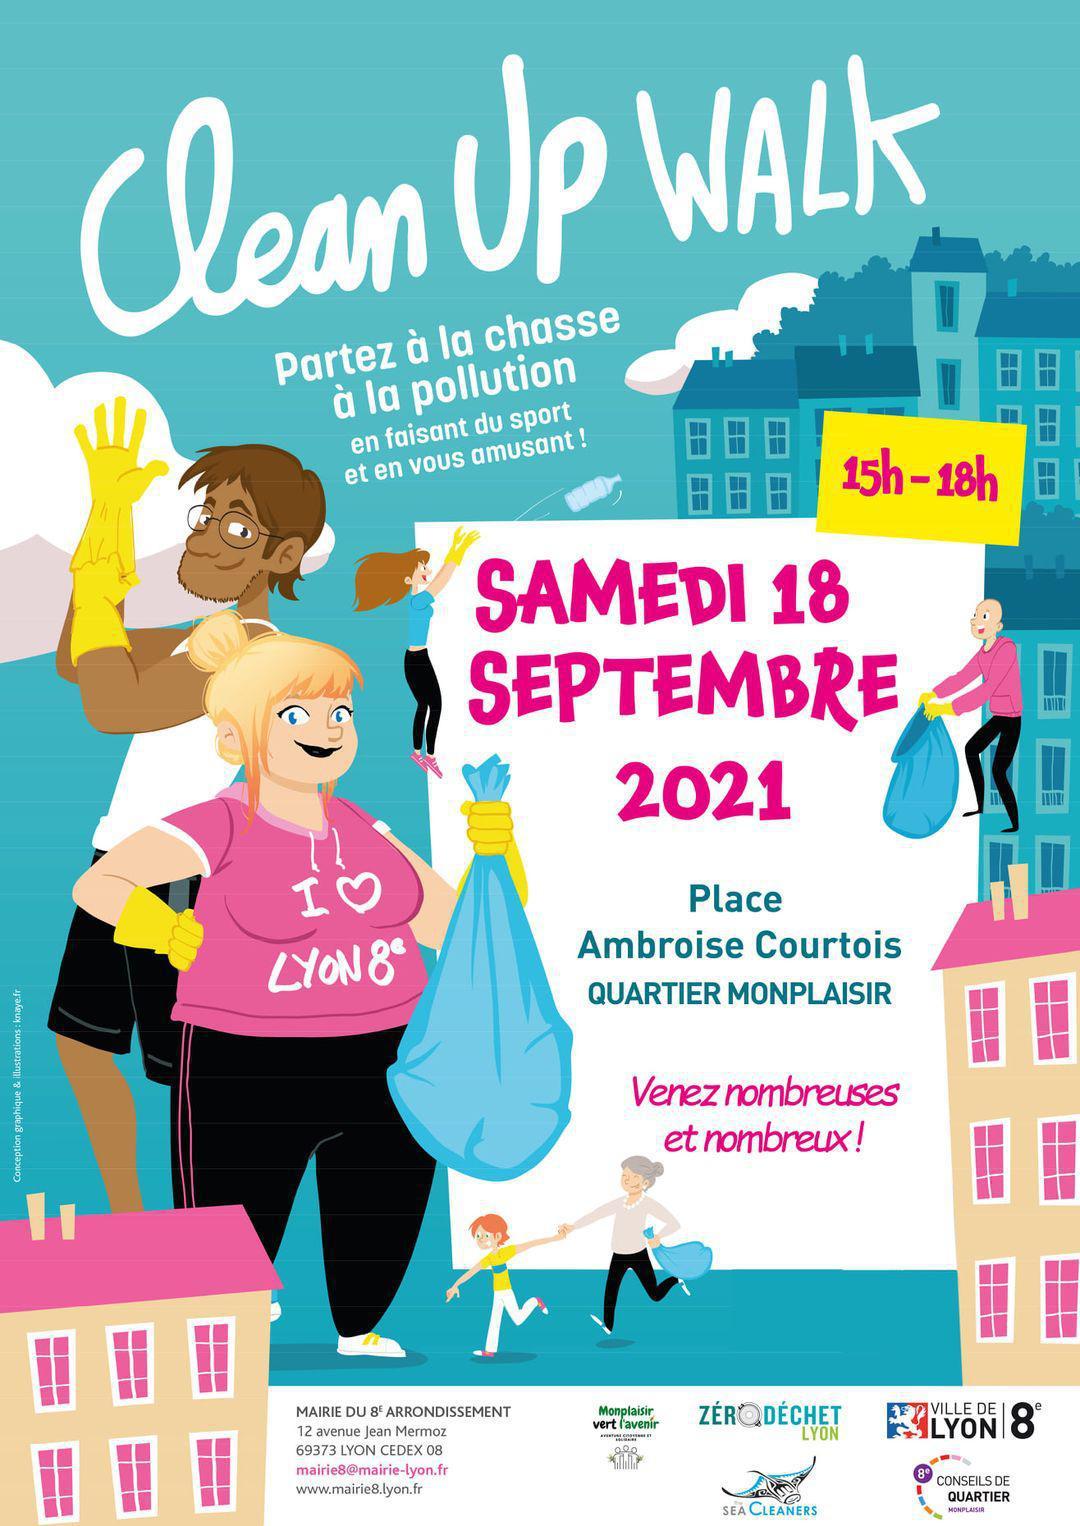 18/09 - CleanUp Walk à Monplaisir !